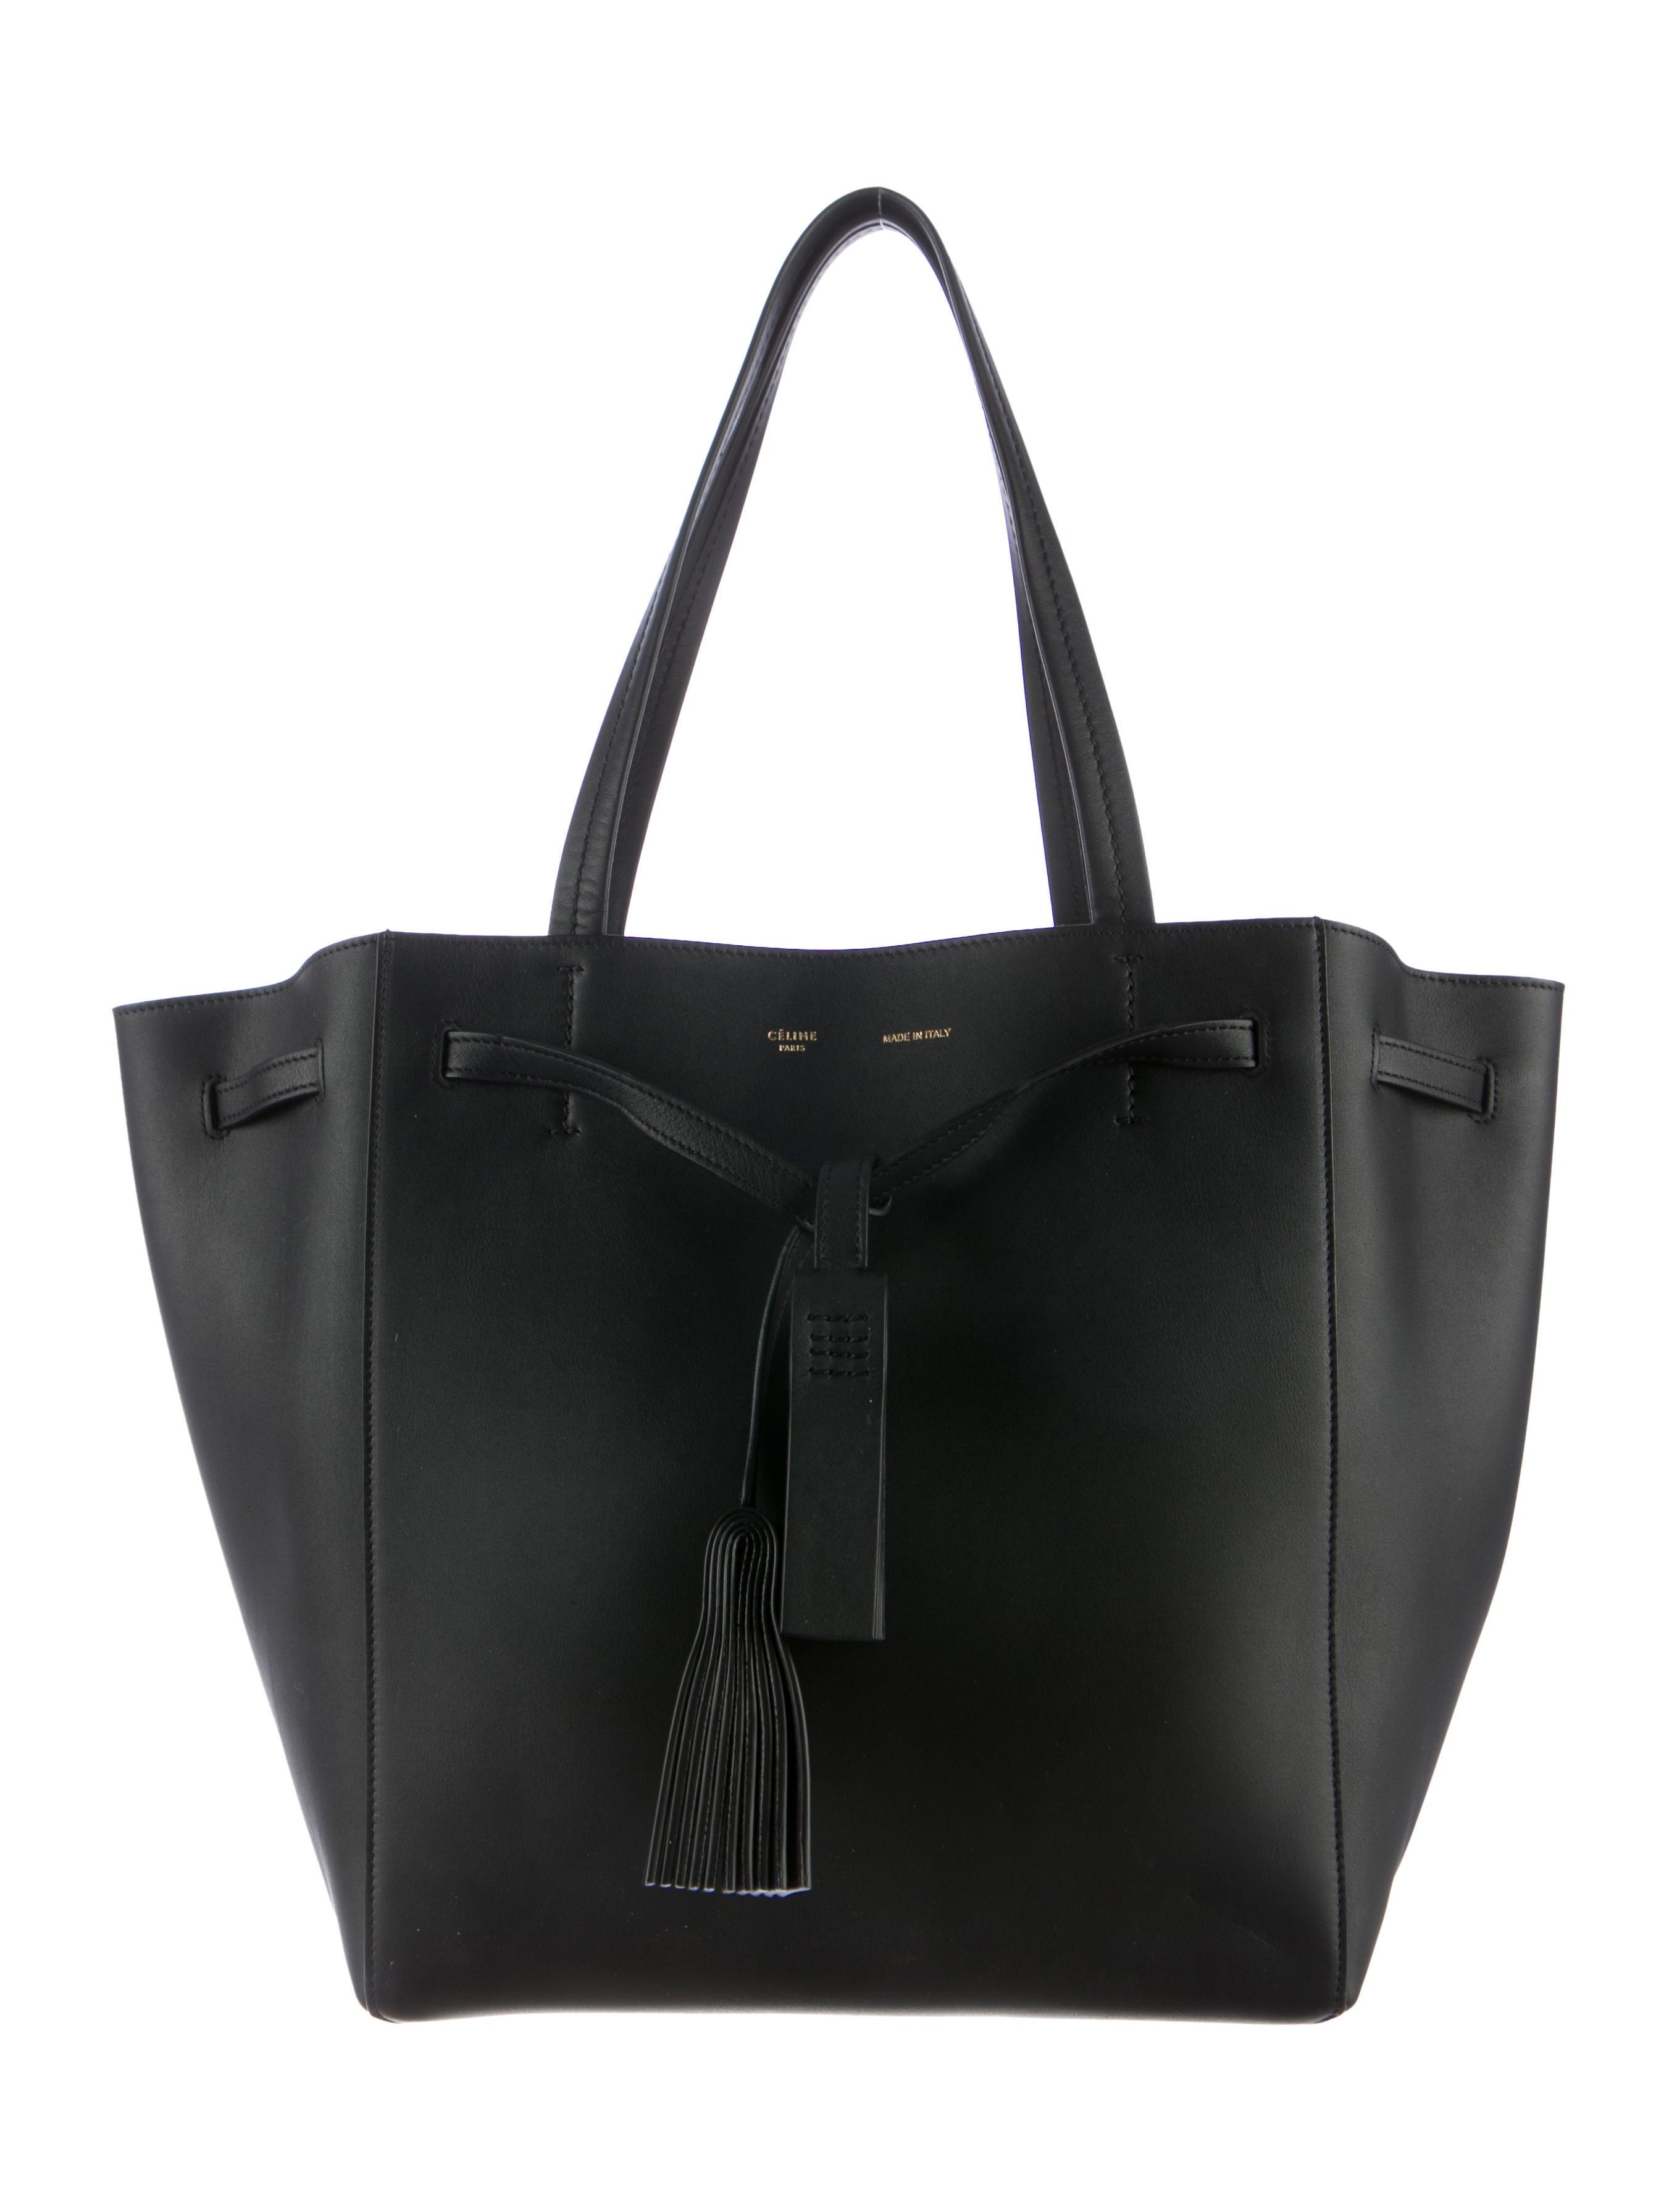 762f35ea236f Celine Céline Medium Tassel Phantom Cabas Tote - Handbags - CEL35574 ...